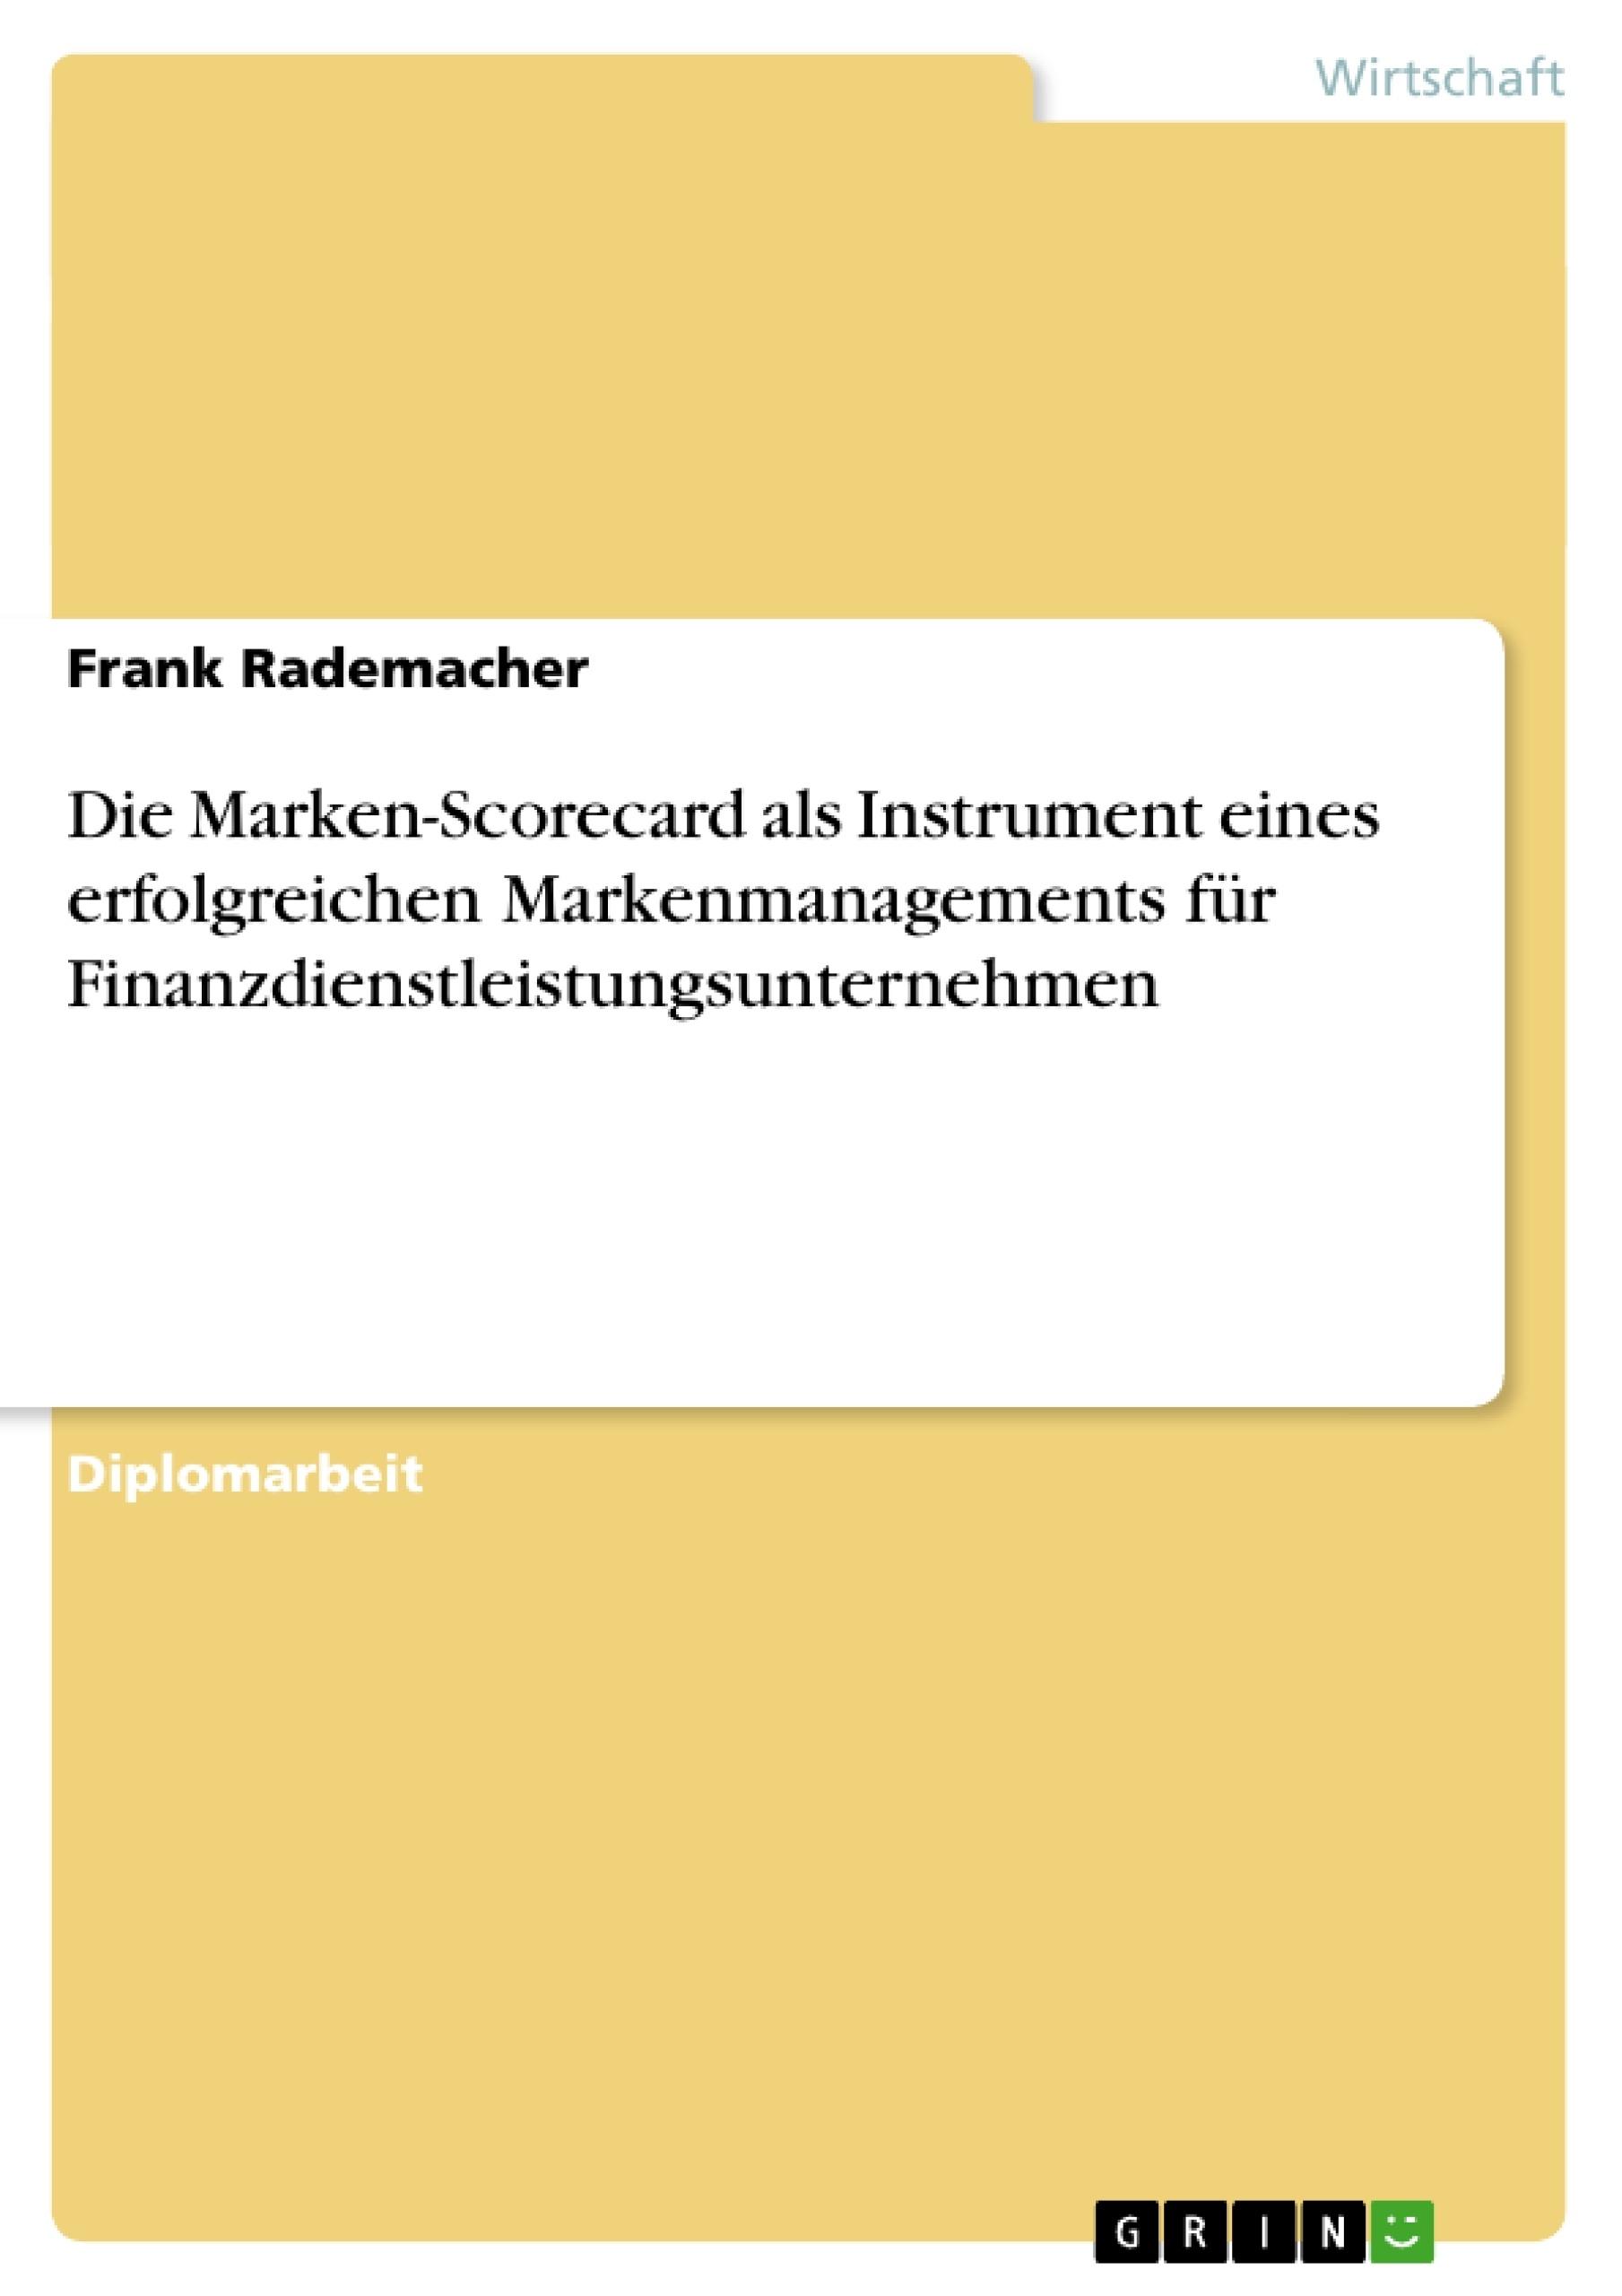 Titel: Die Marken-Scorecard als Instrument eines erfolgreichen Markenmanagements für Finanzdienstleistungsunternehmen